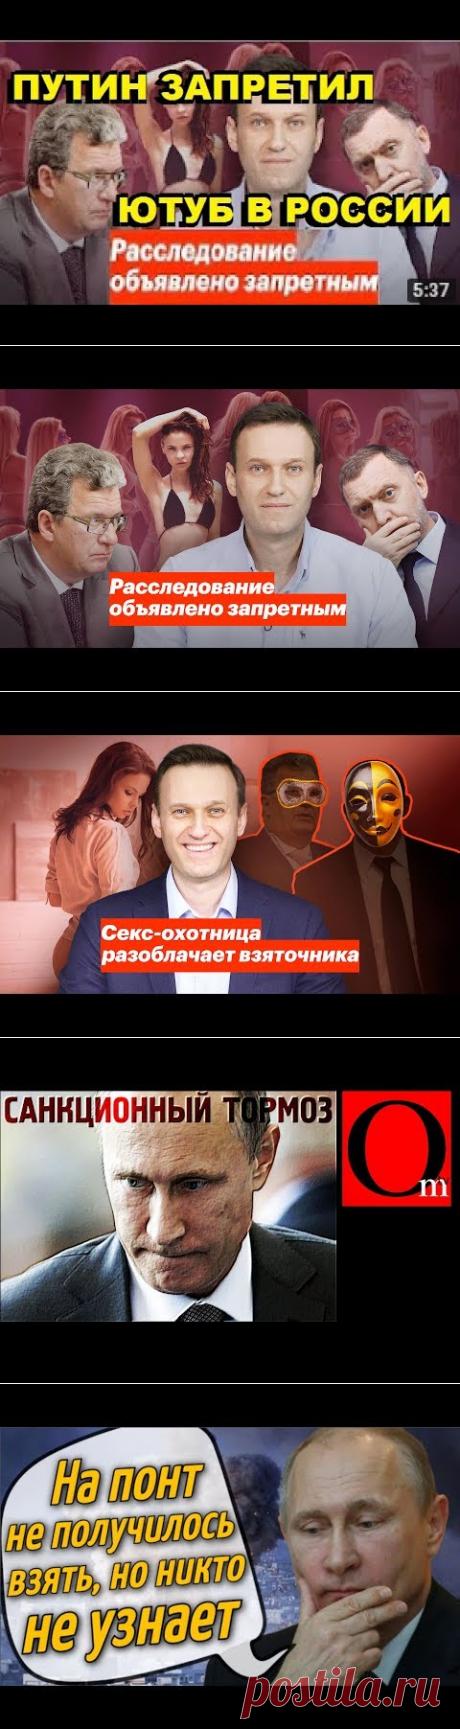 (13) Навальный ФБК - Россия закрывает ютуб. Расследование объявлено 3aпpетным - YouTube